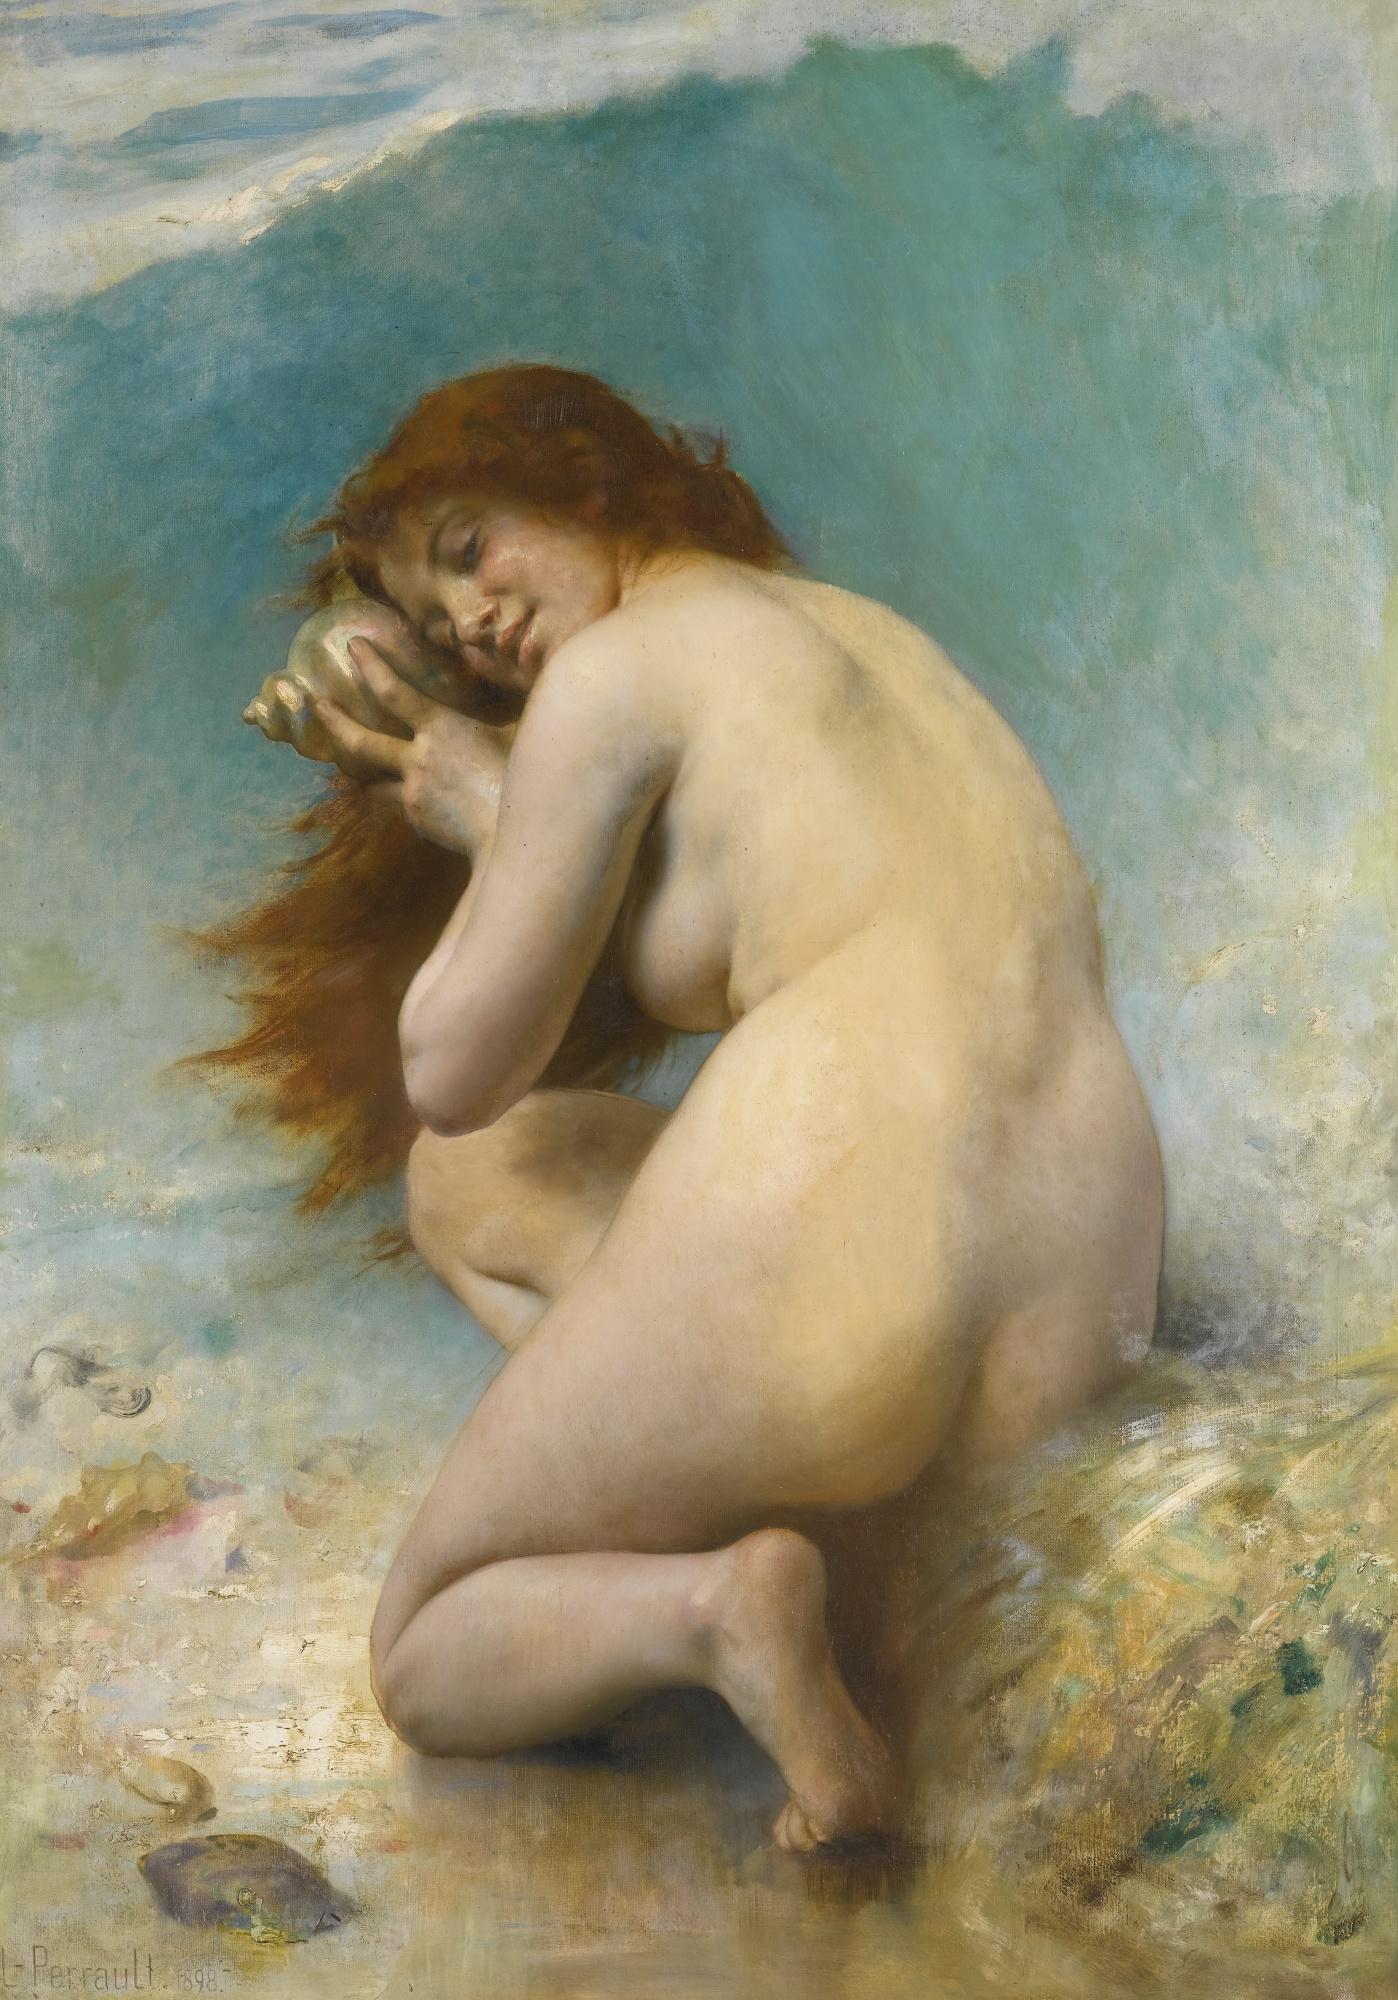 Картинки с полно голыми девушками